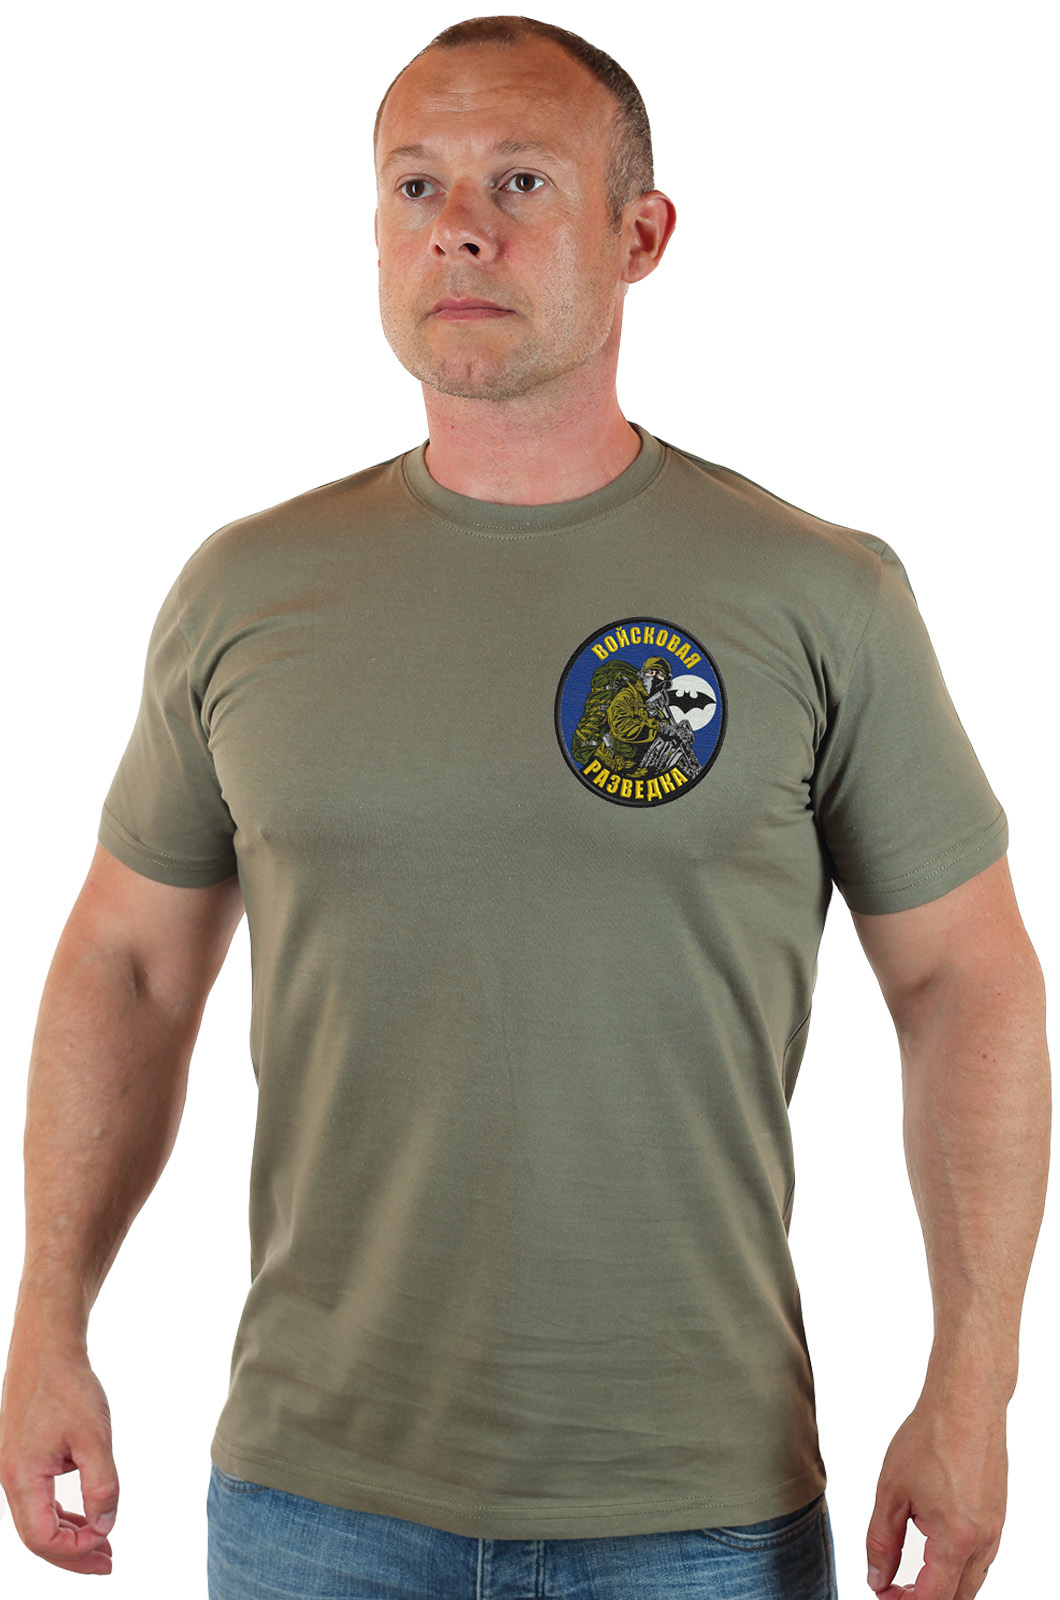 Купить в Москве футболку Войсковая Разведка